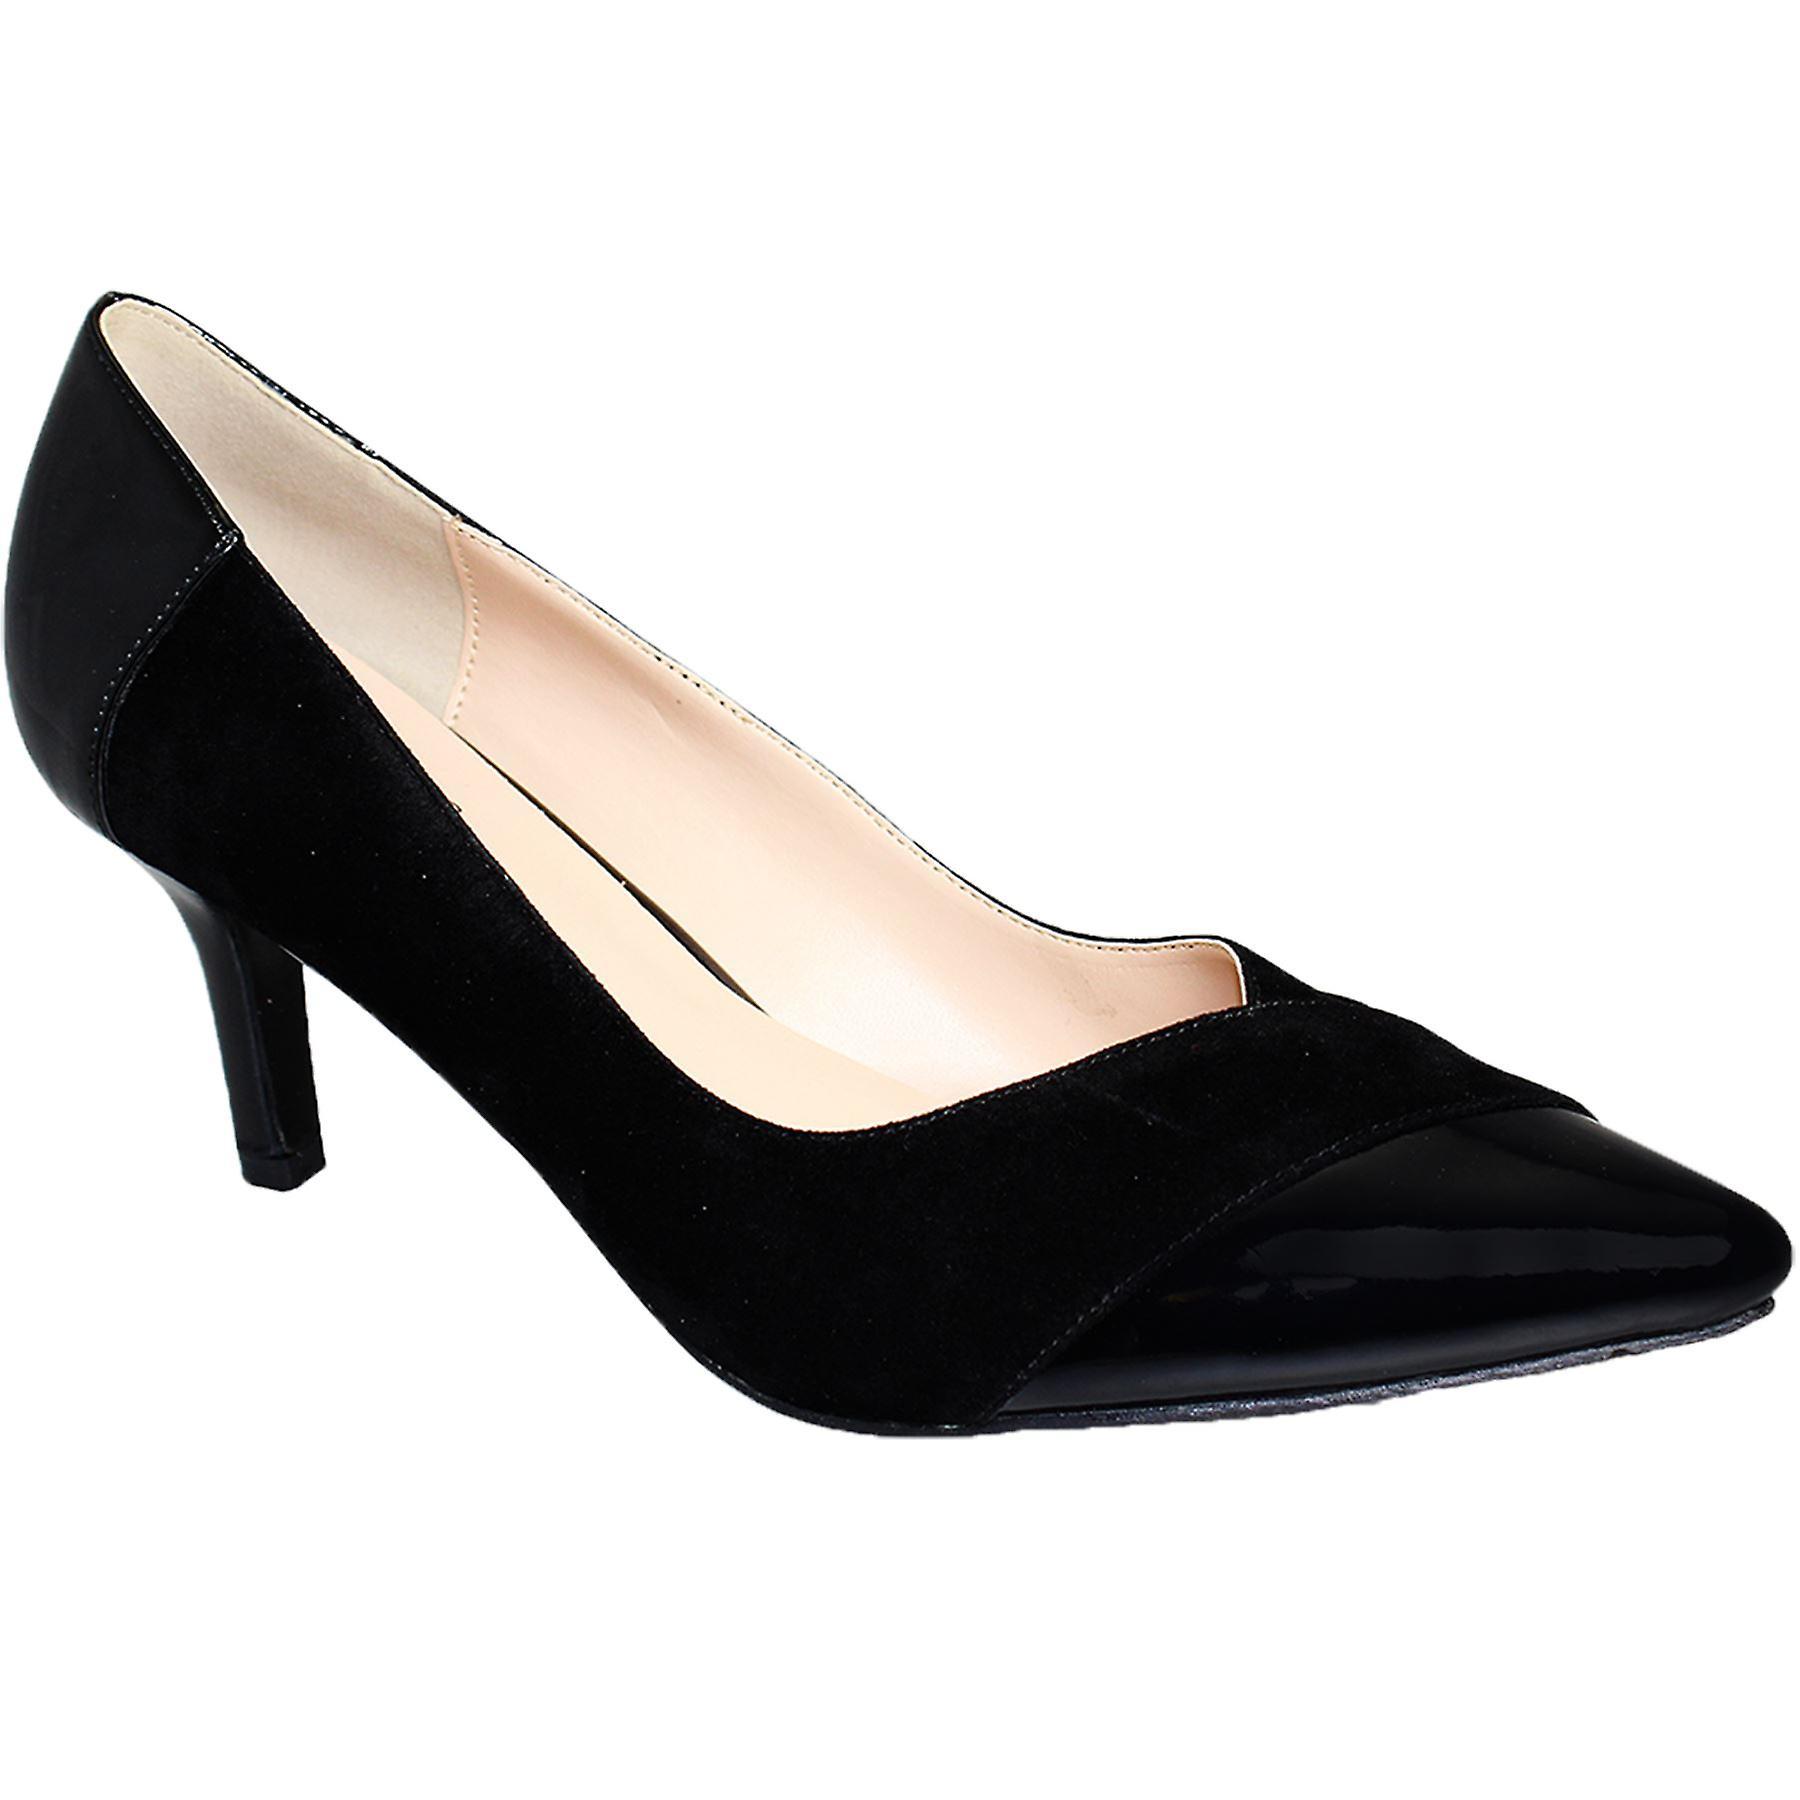 Hyvät huomautti Toe matala kantapää patentti kontrasti naisten Mokka Smart kengät korkokengät